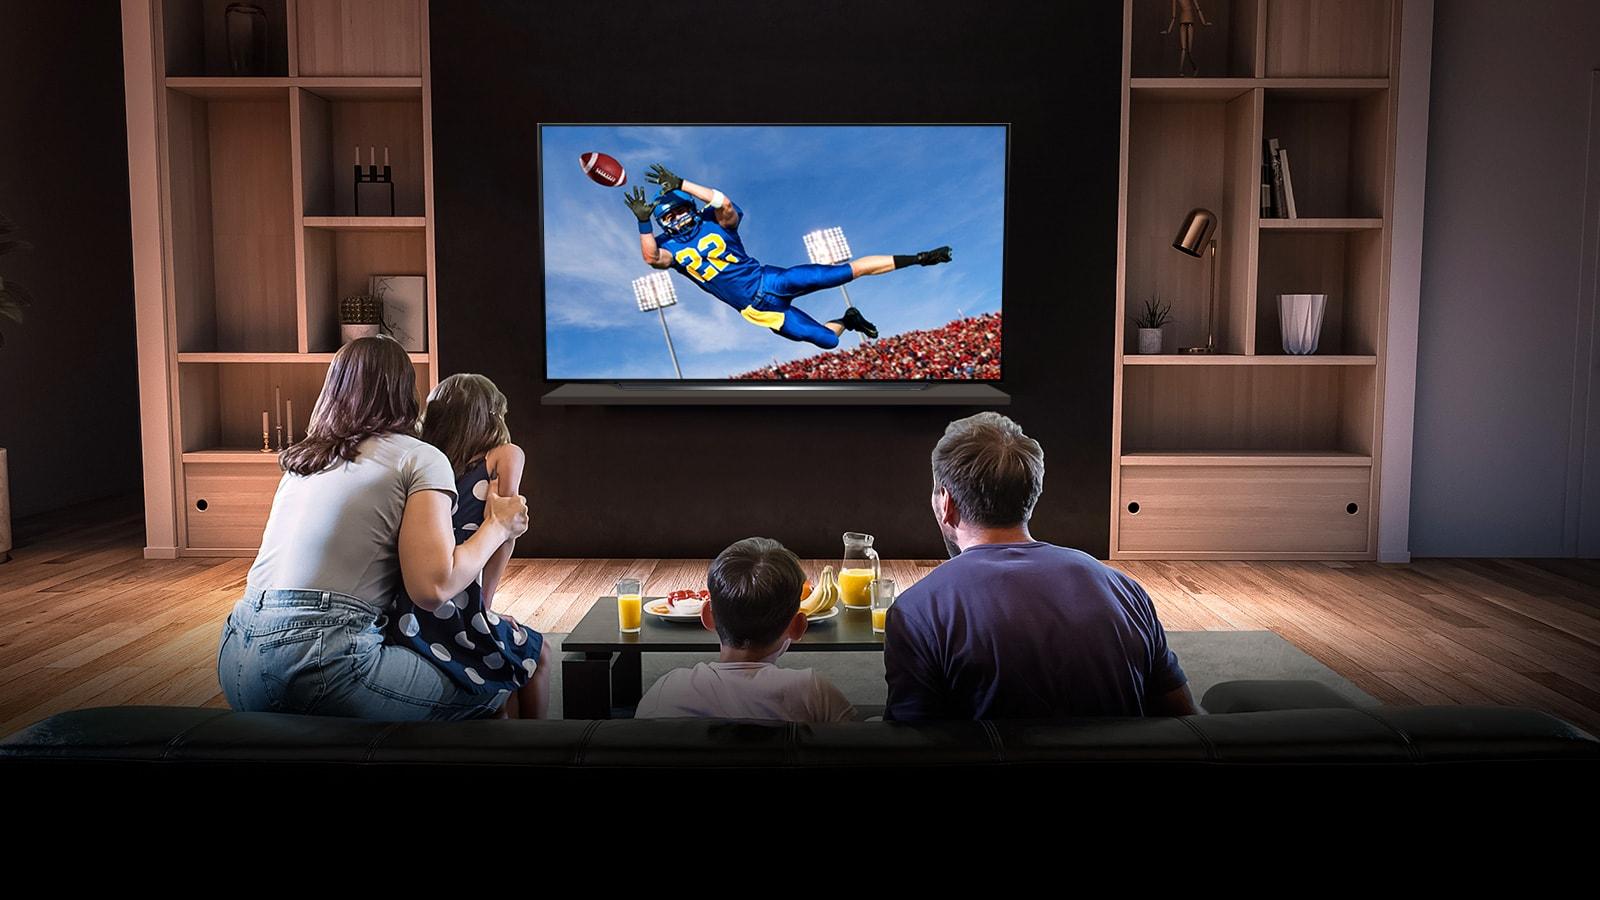 Mensen kijken naar een Tottenhamwedstrijd op tv in de woonkamer